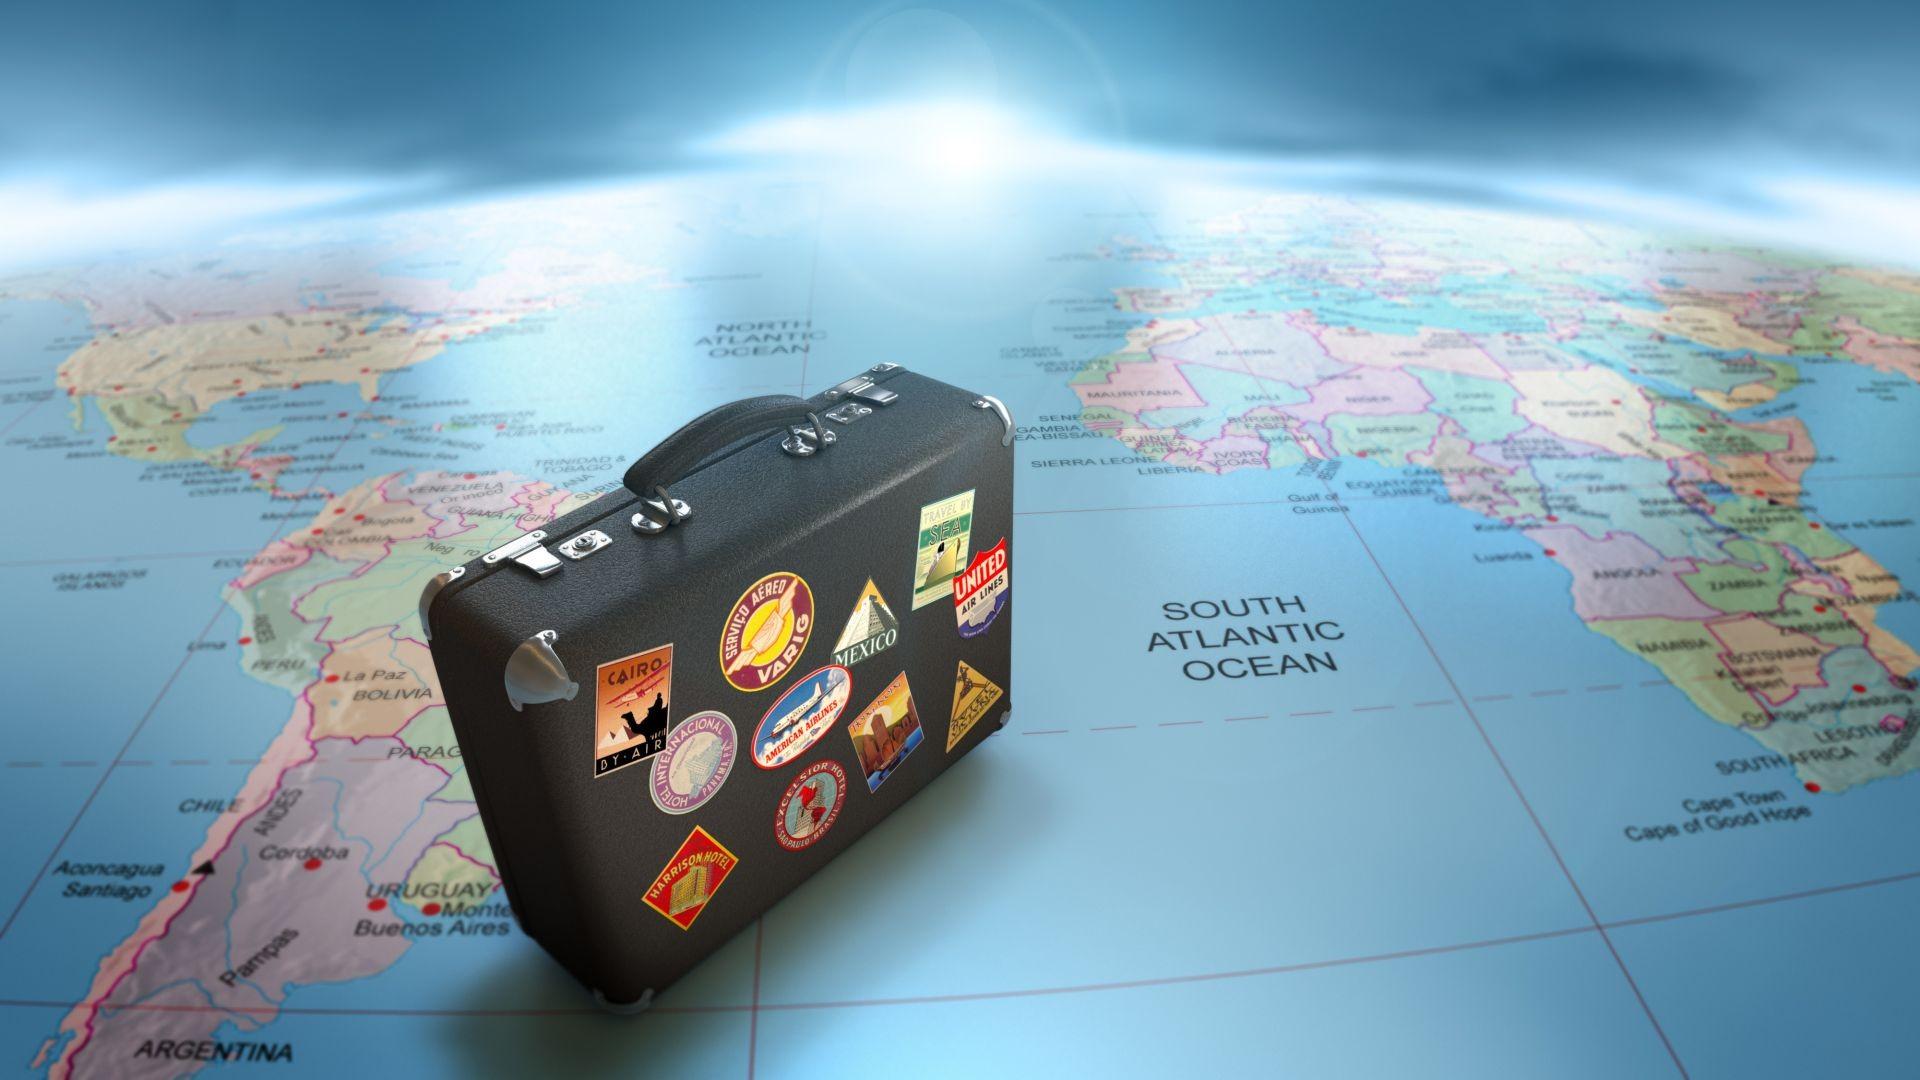 Səyahət zamanı özünüzü sığortalayın